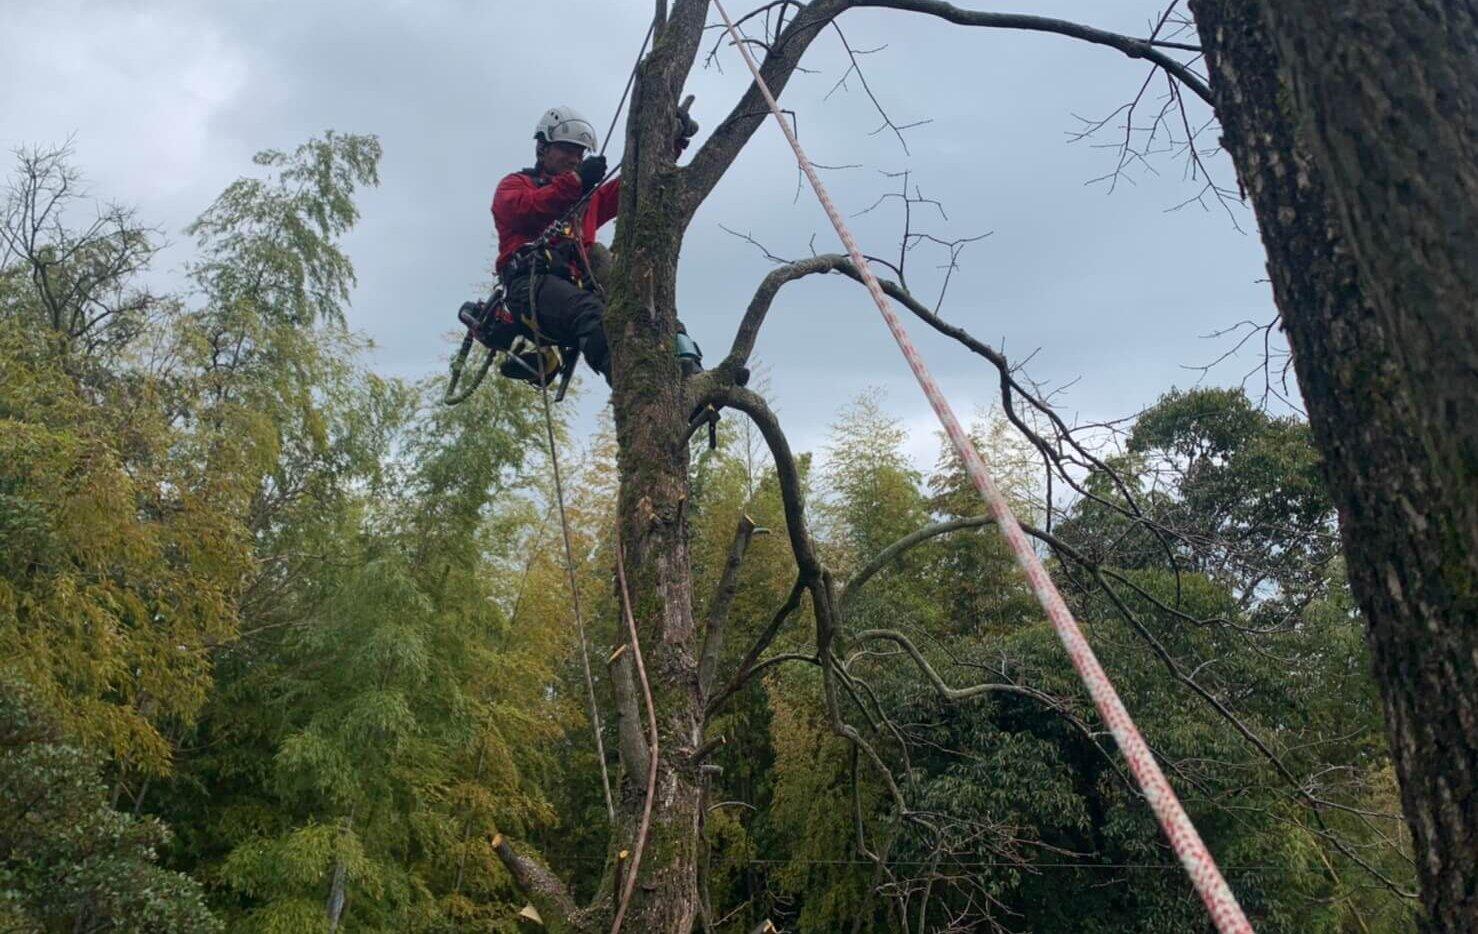 上部には枯れ枝も多く、細心の注意を払いながら作業を進めていきます。